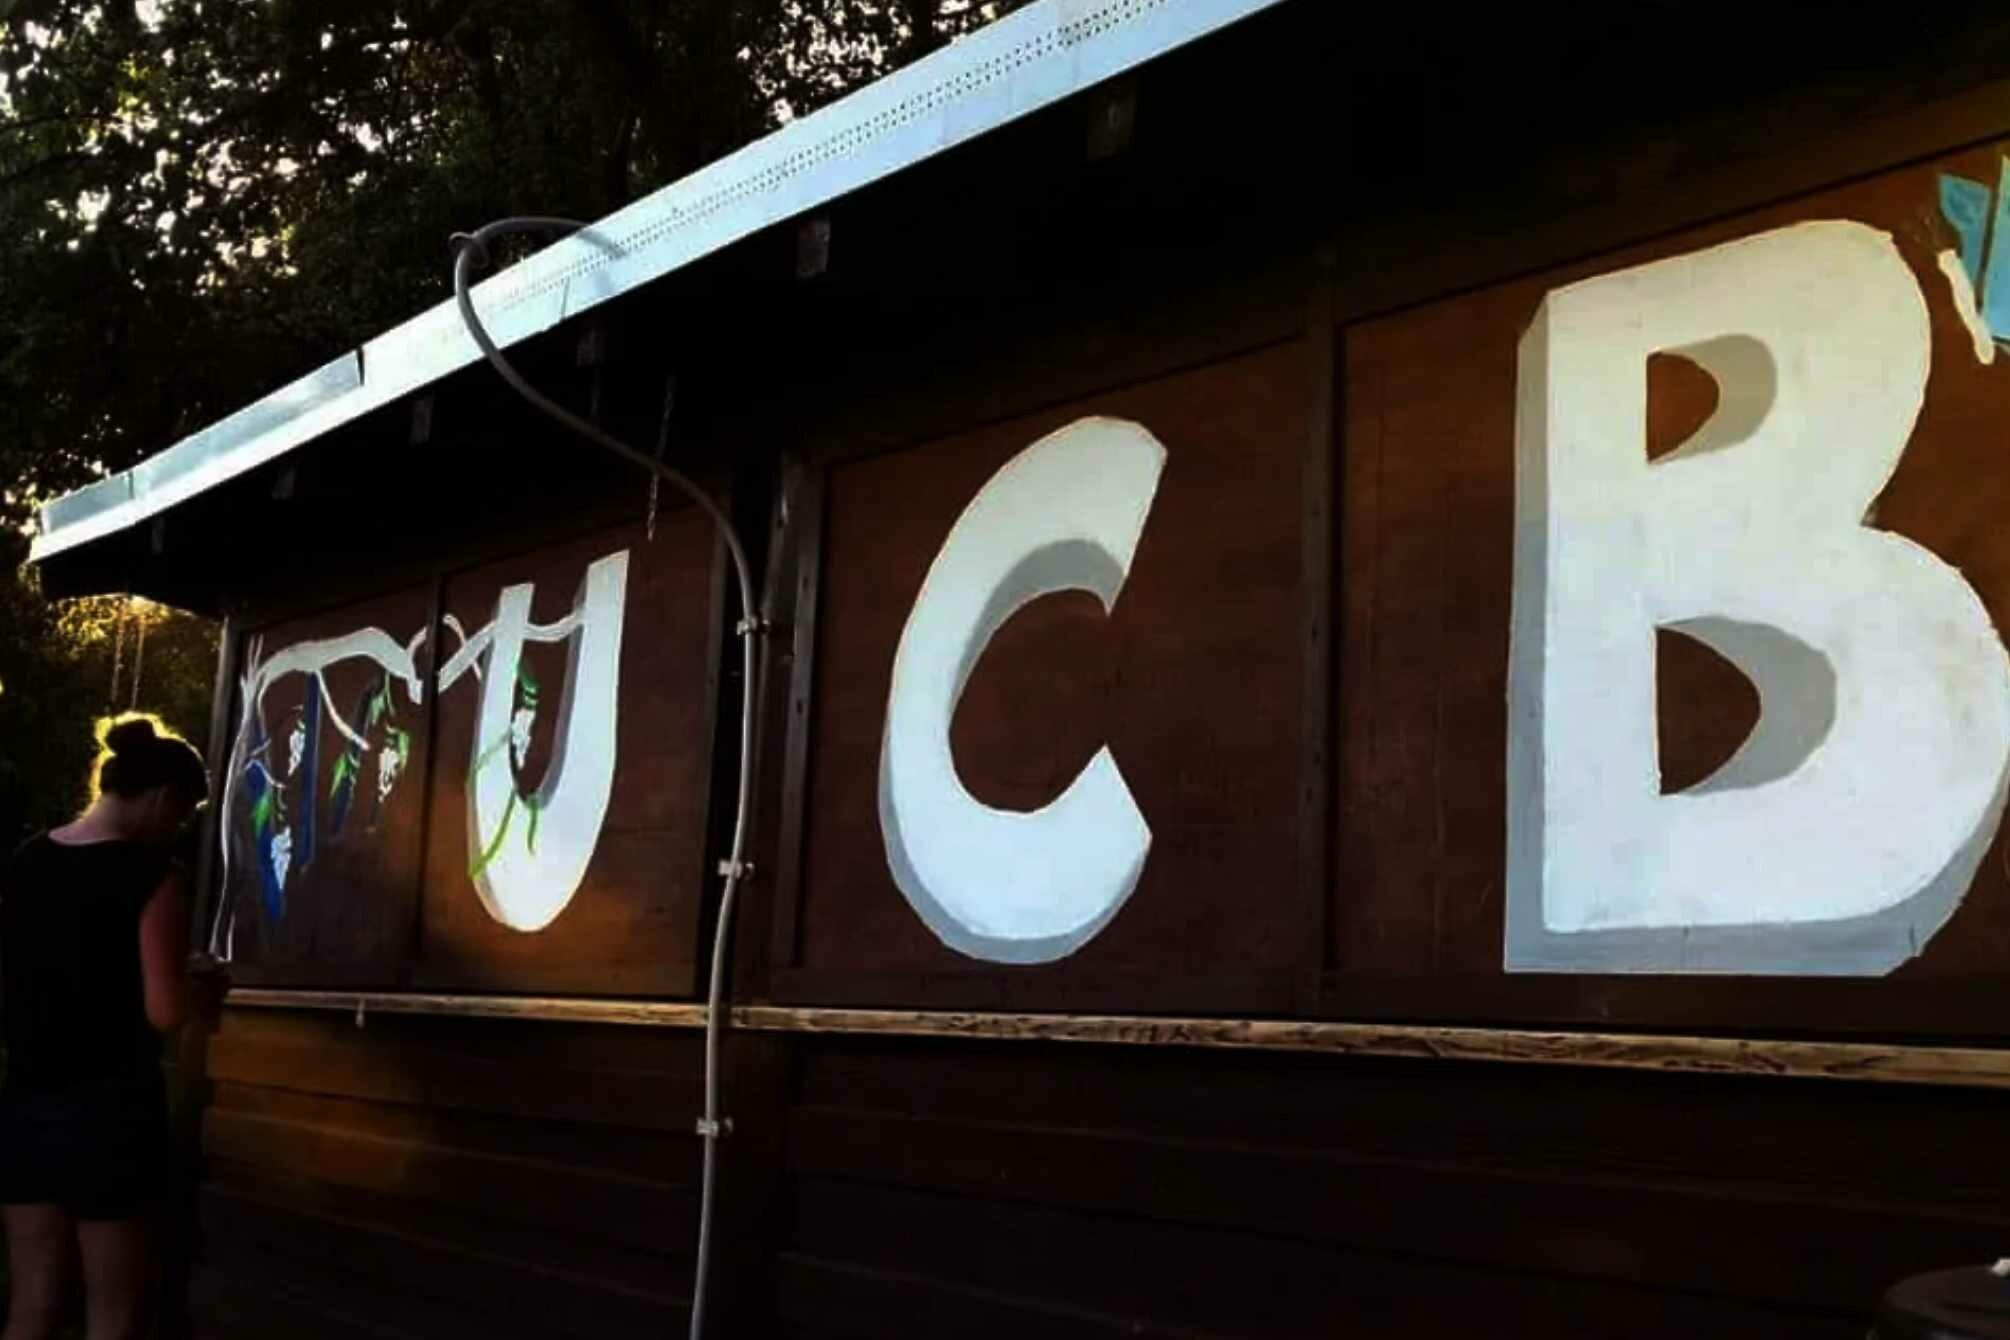 Grillhütte am UCB